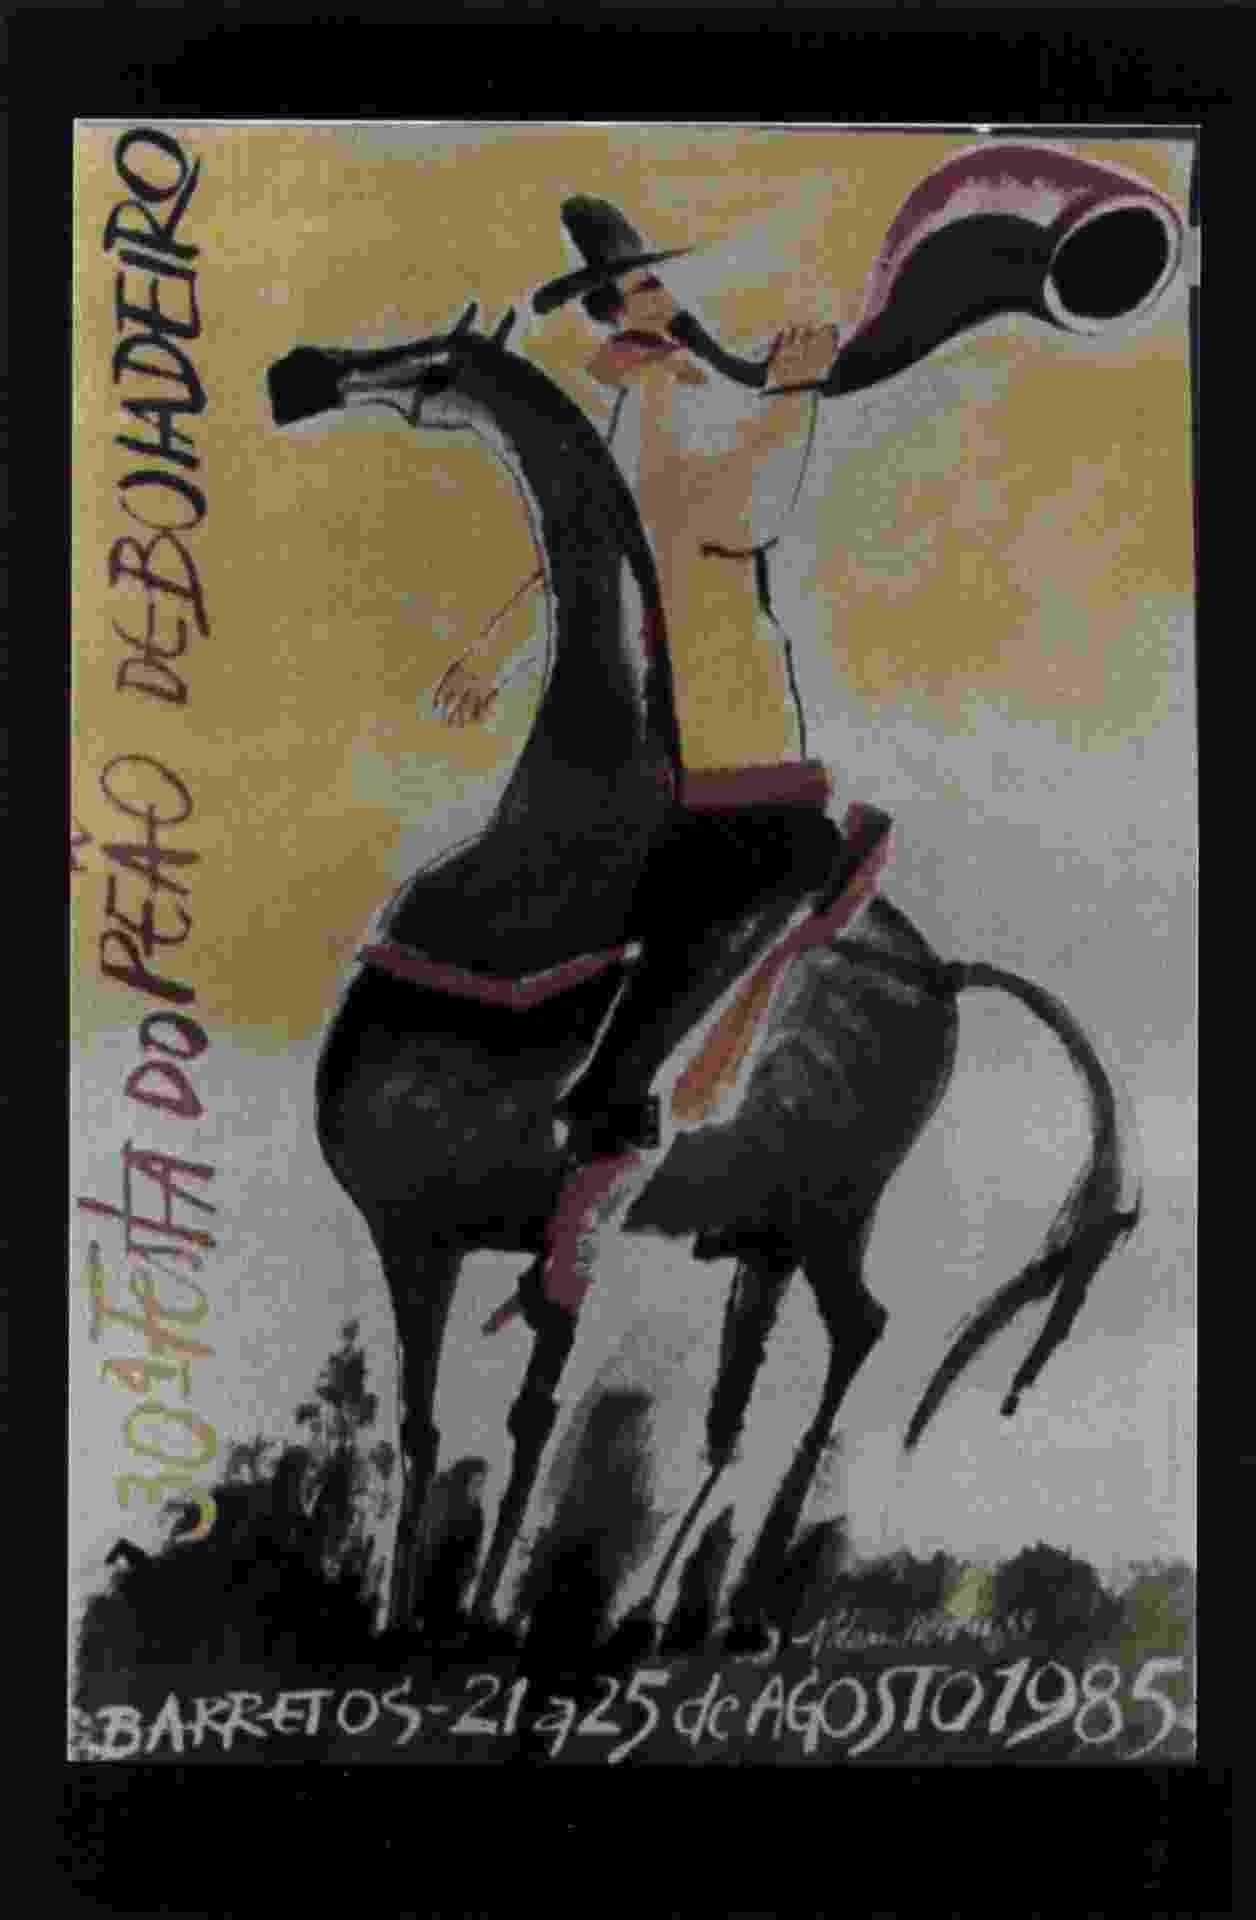 Em 1985, o pintor cearense Aldemir Martins inaugurou a tradição de artistas desenhando o cartaz da Festa do Peão de Barretos - Reprodução